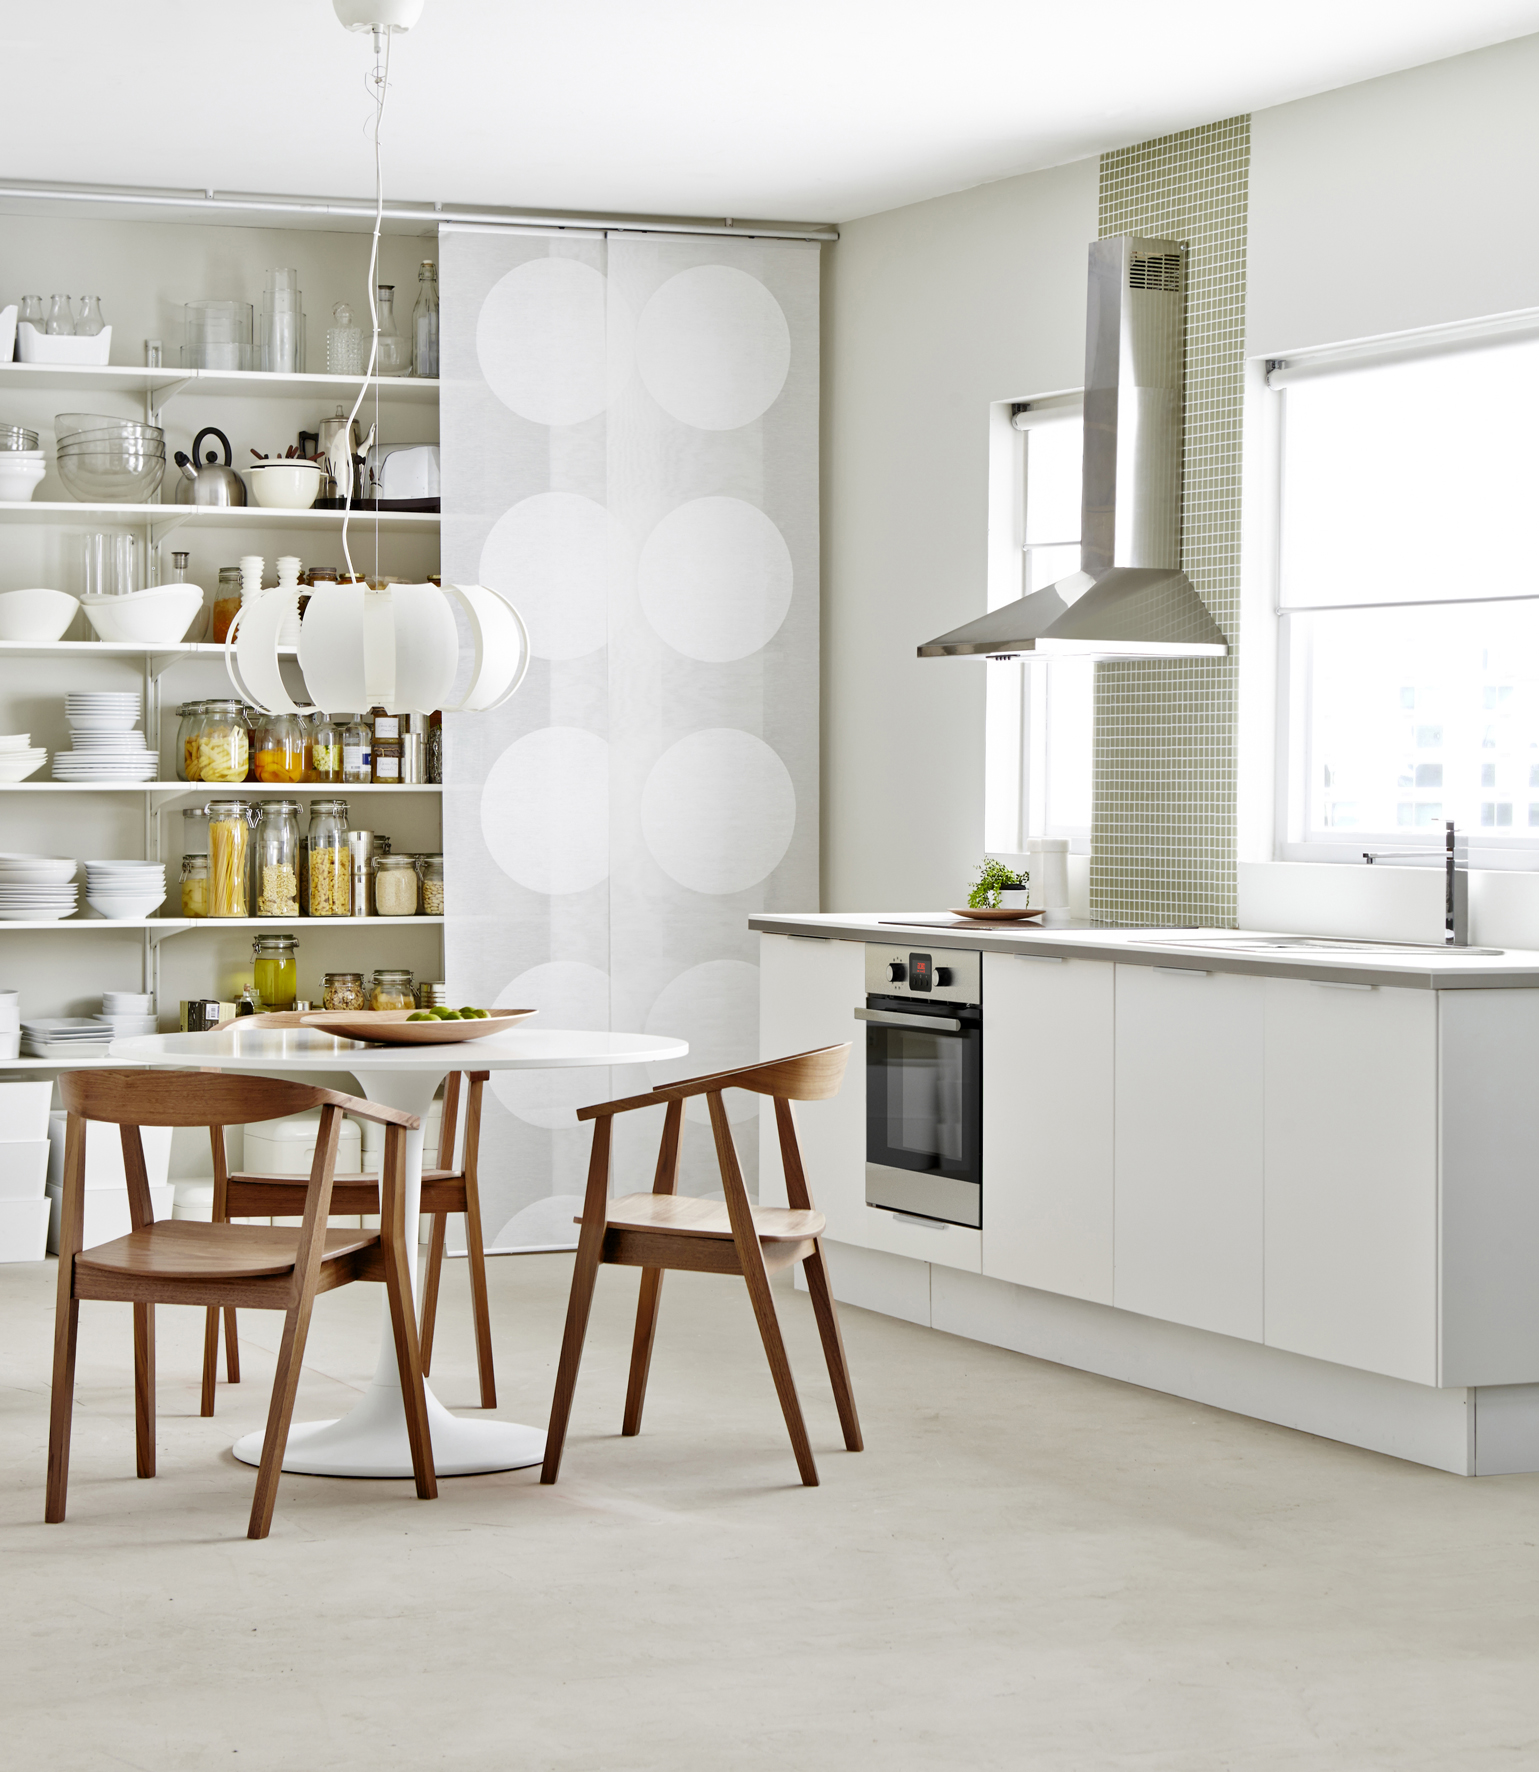 Mooie Korting Op Ikea Keukens Faktum Nieuws Startpagina